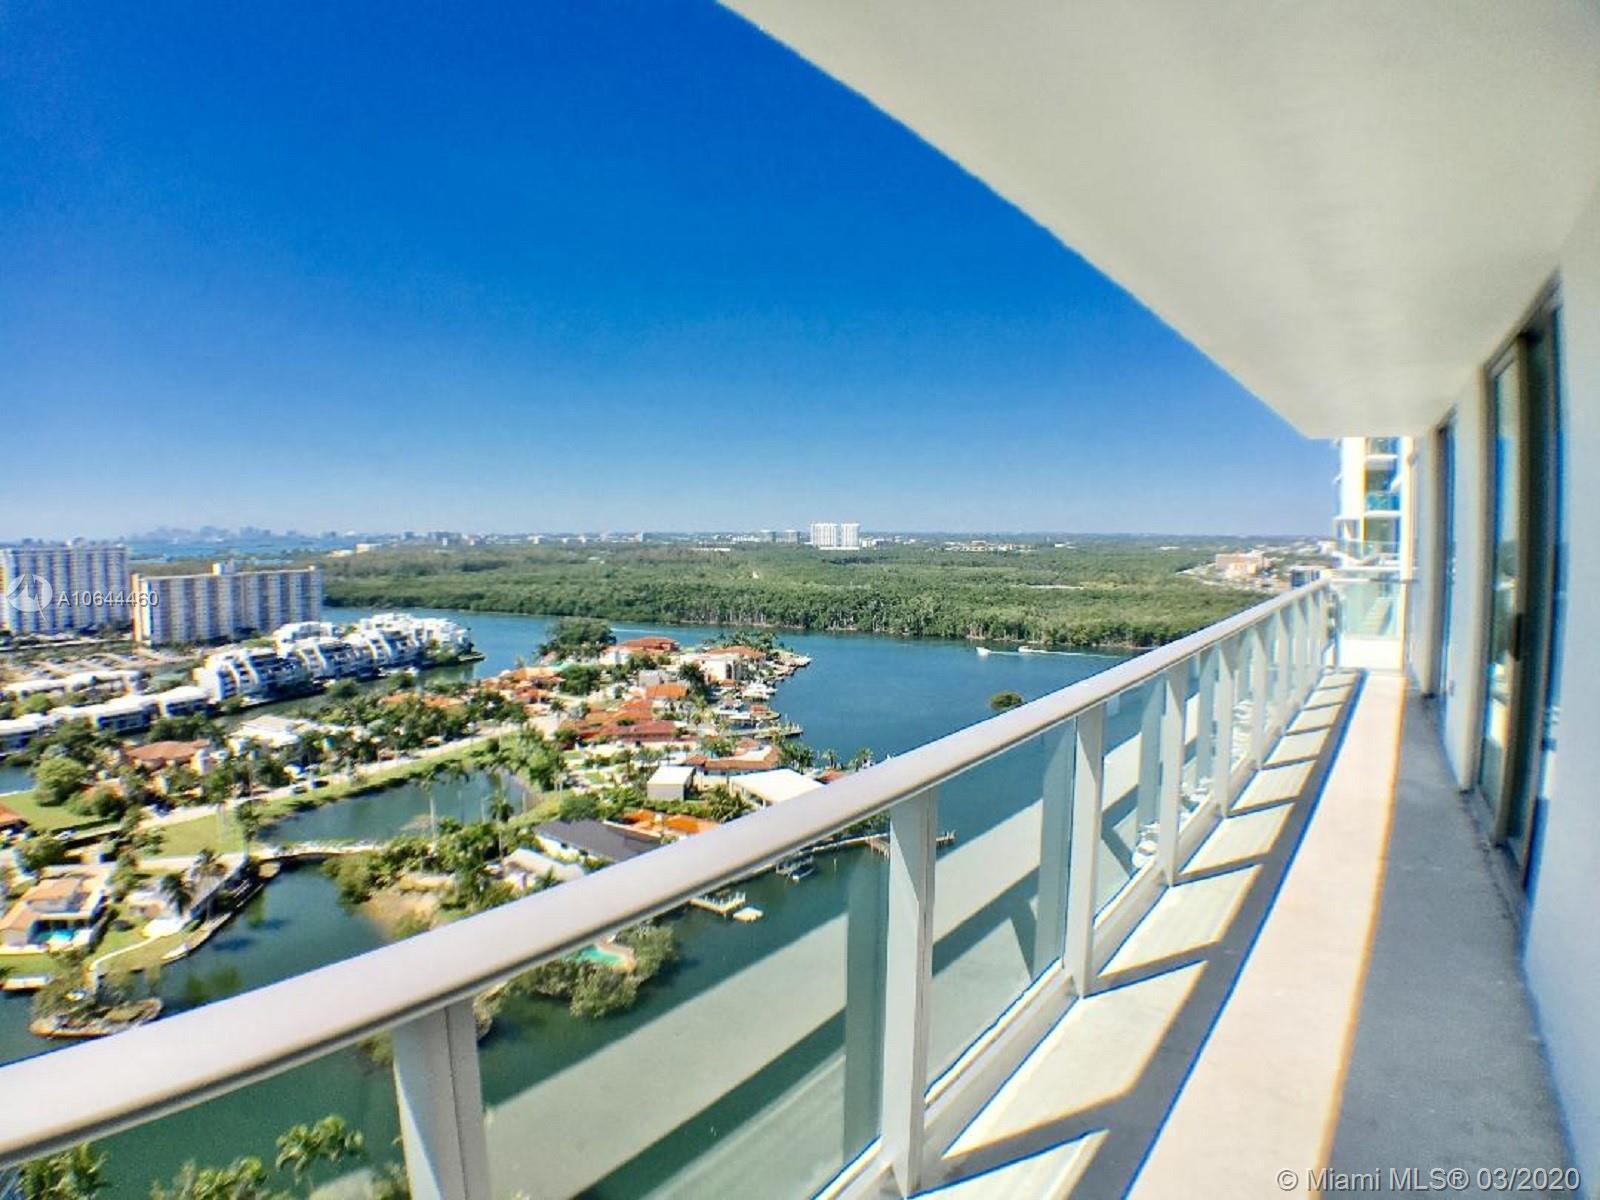 300 Sunny Isles Blvd, Sunny Isles Beach, Florida